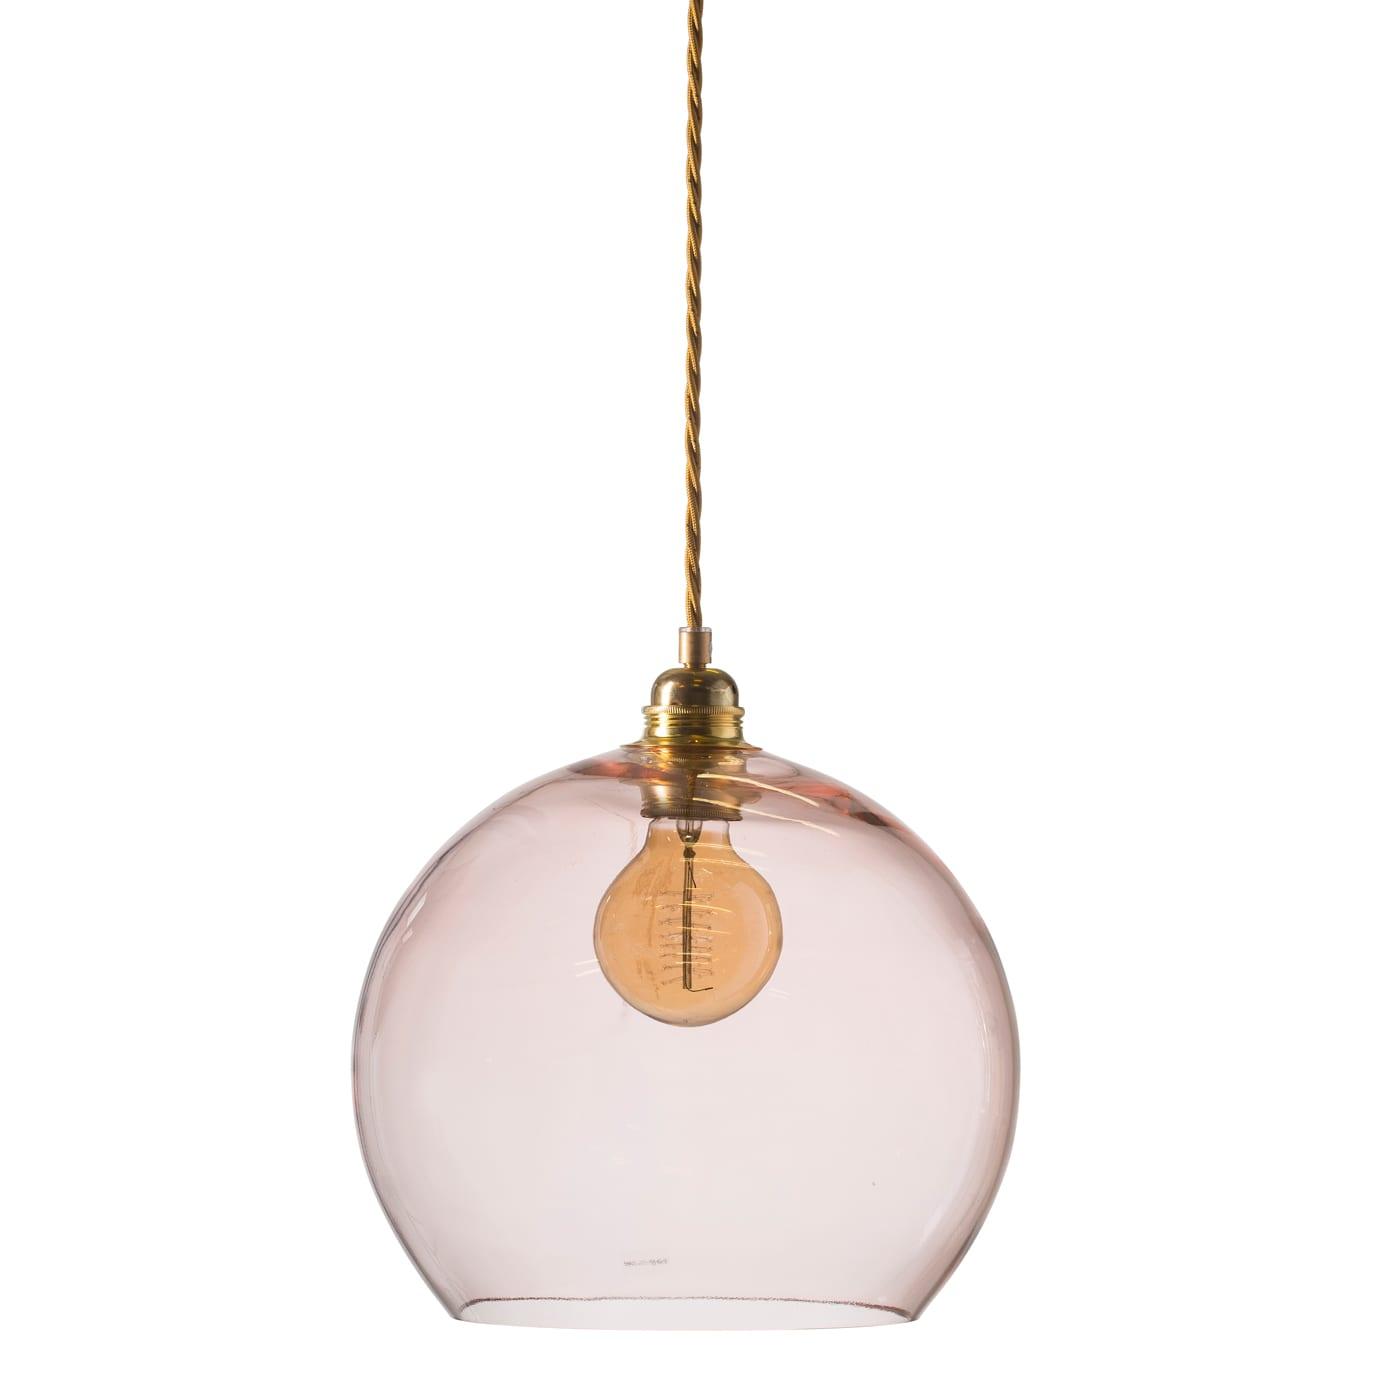 Rowan pendant lamp, bright coral, 28cm